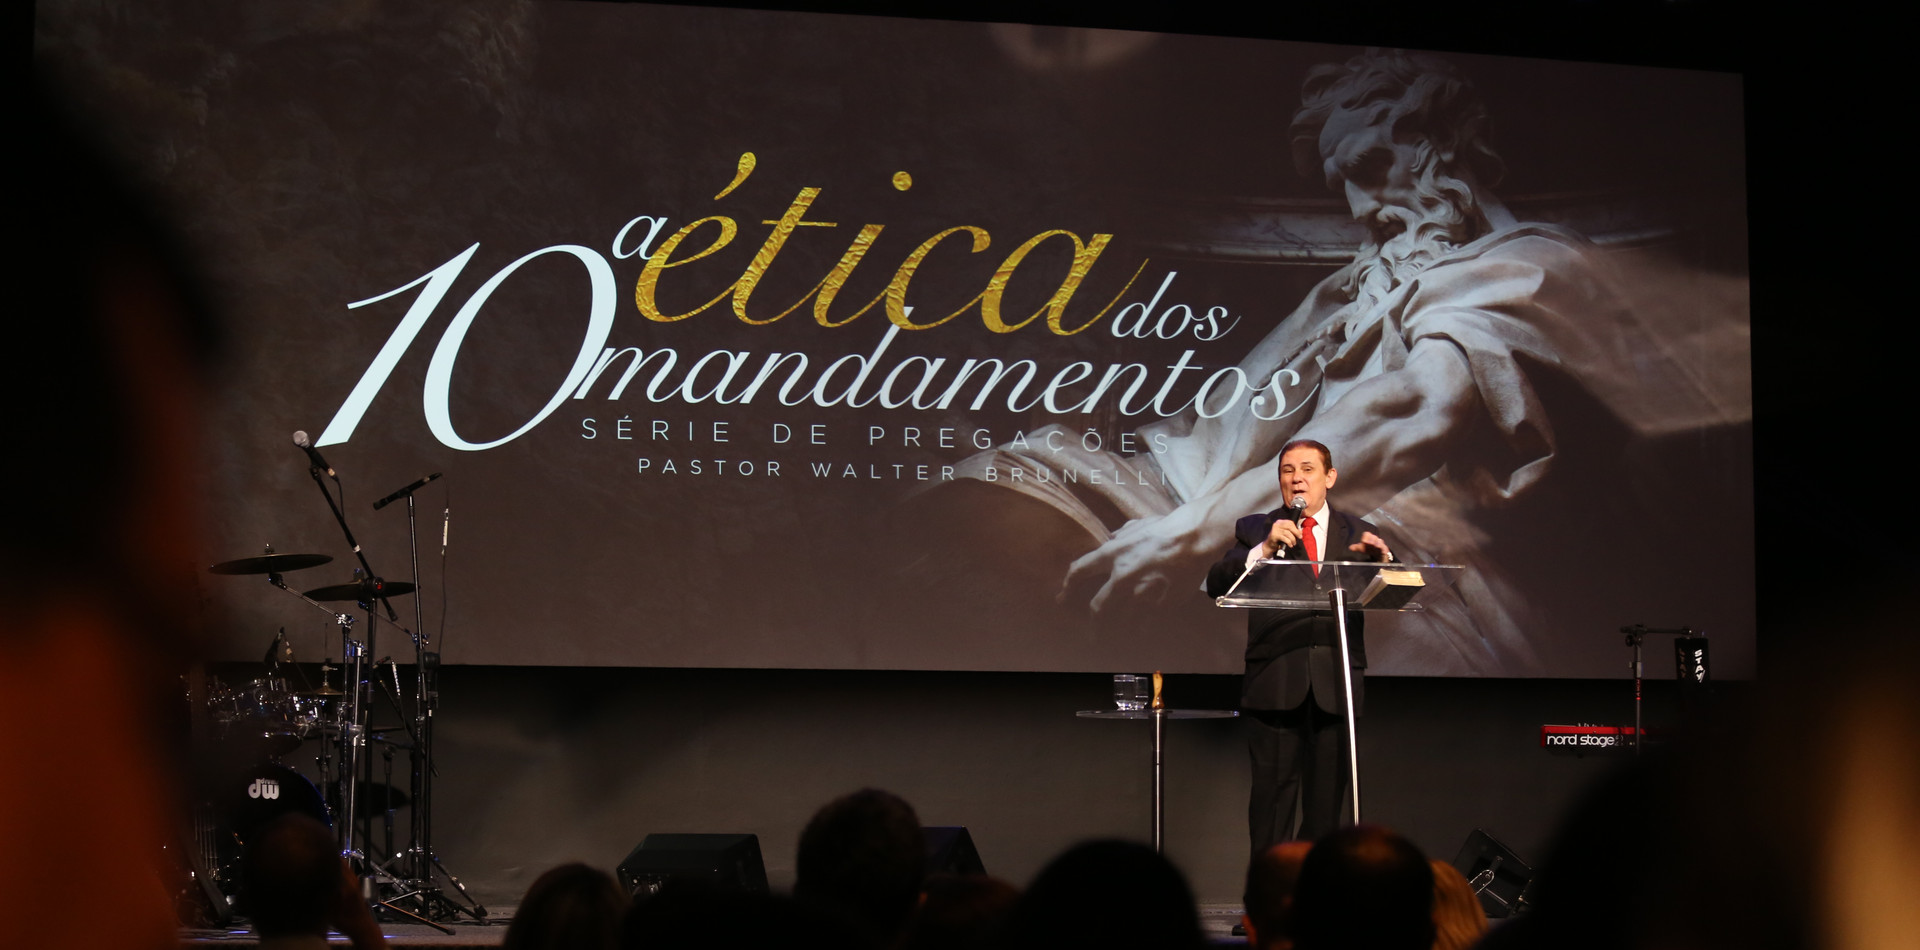 """Série """"A ética dos 10 mandamentos"""""""